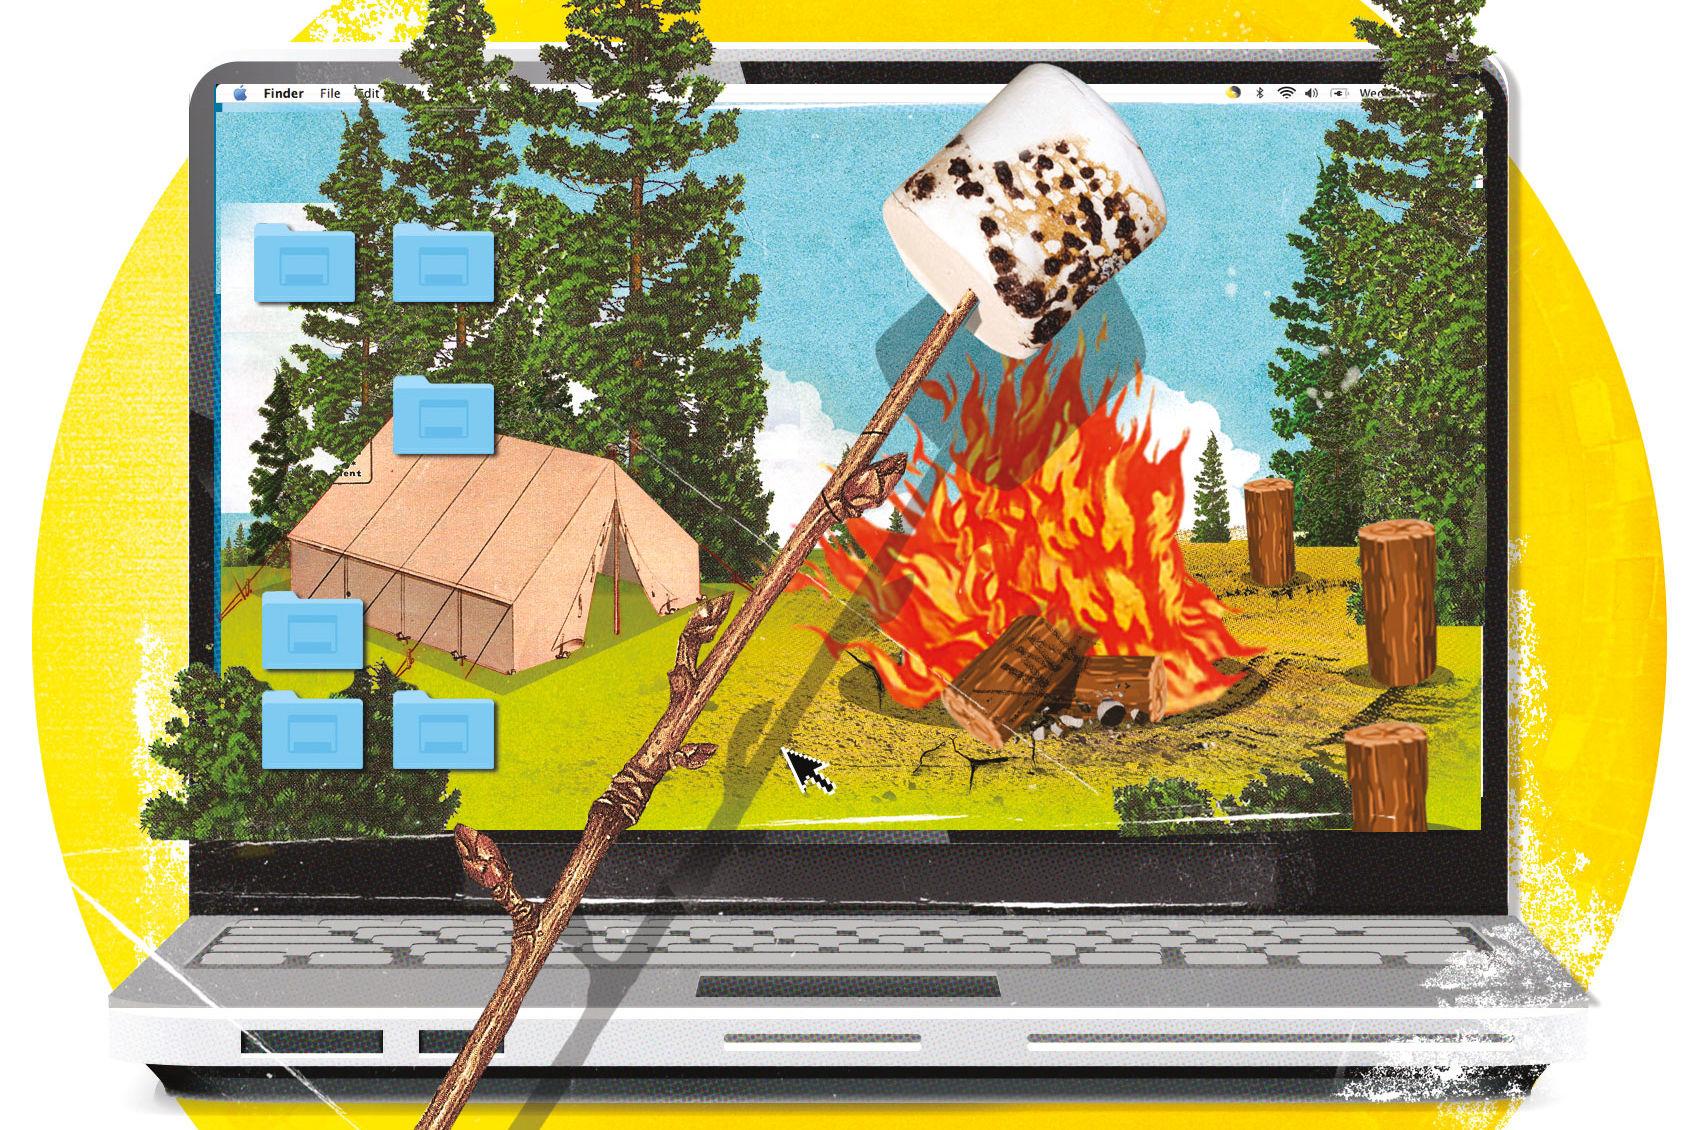 0416 startup pm mb campsiteillustration wzr3eg